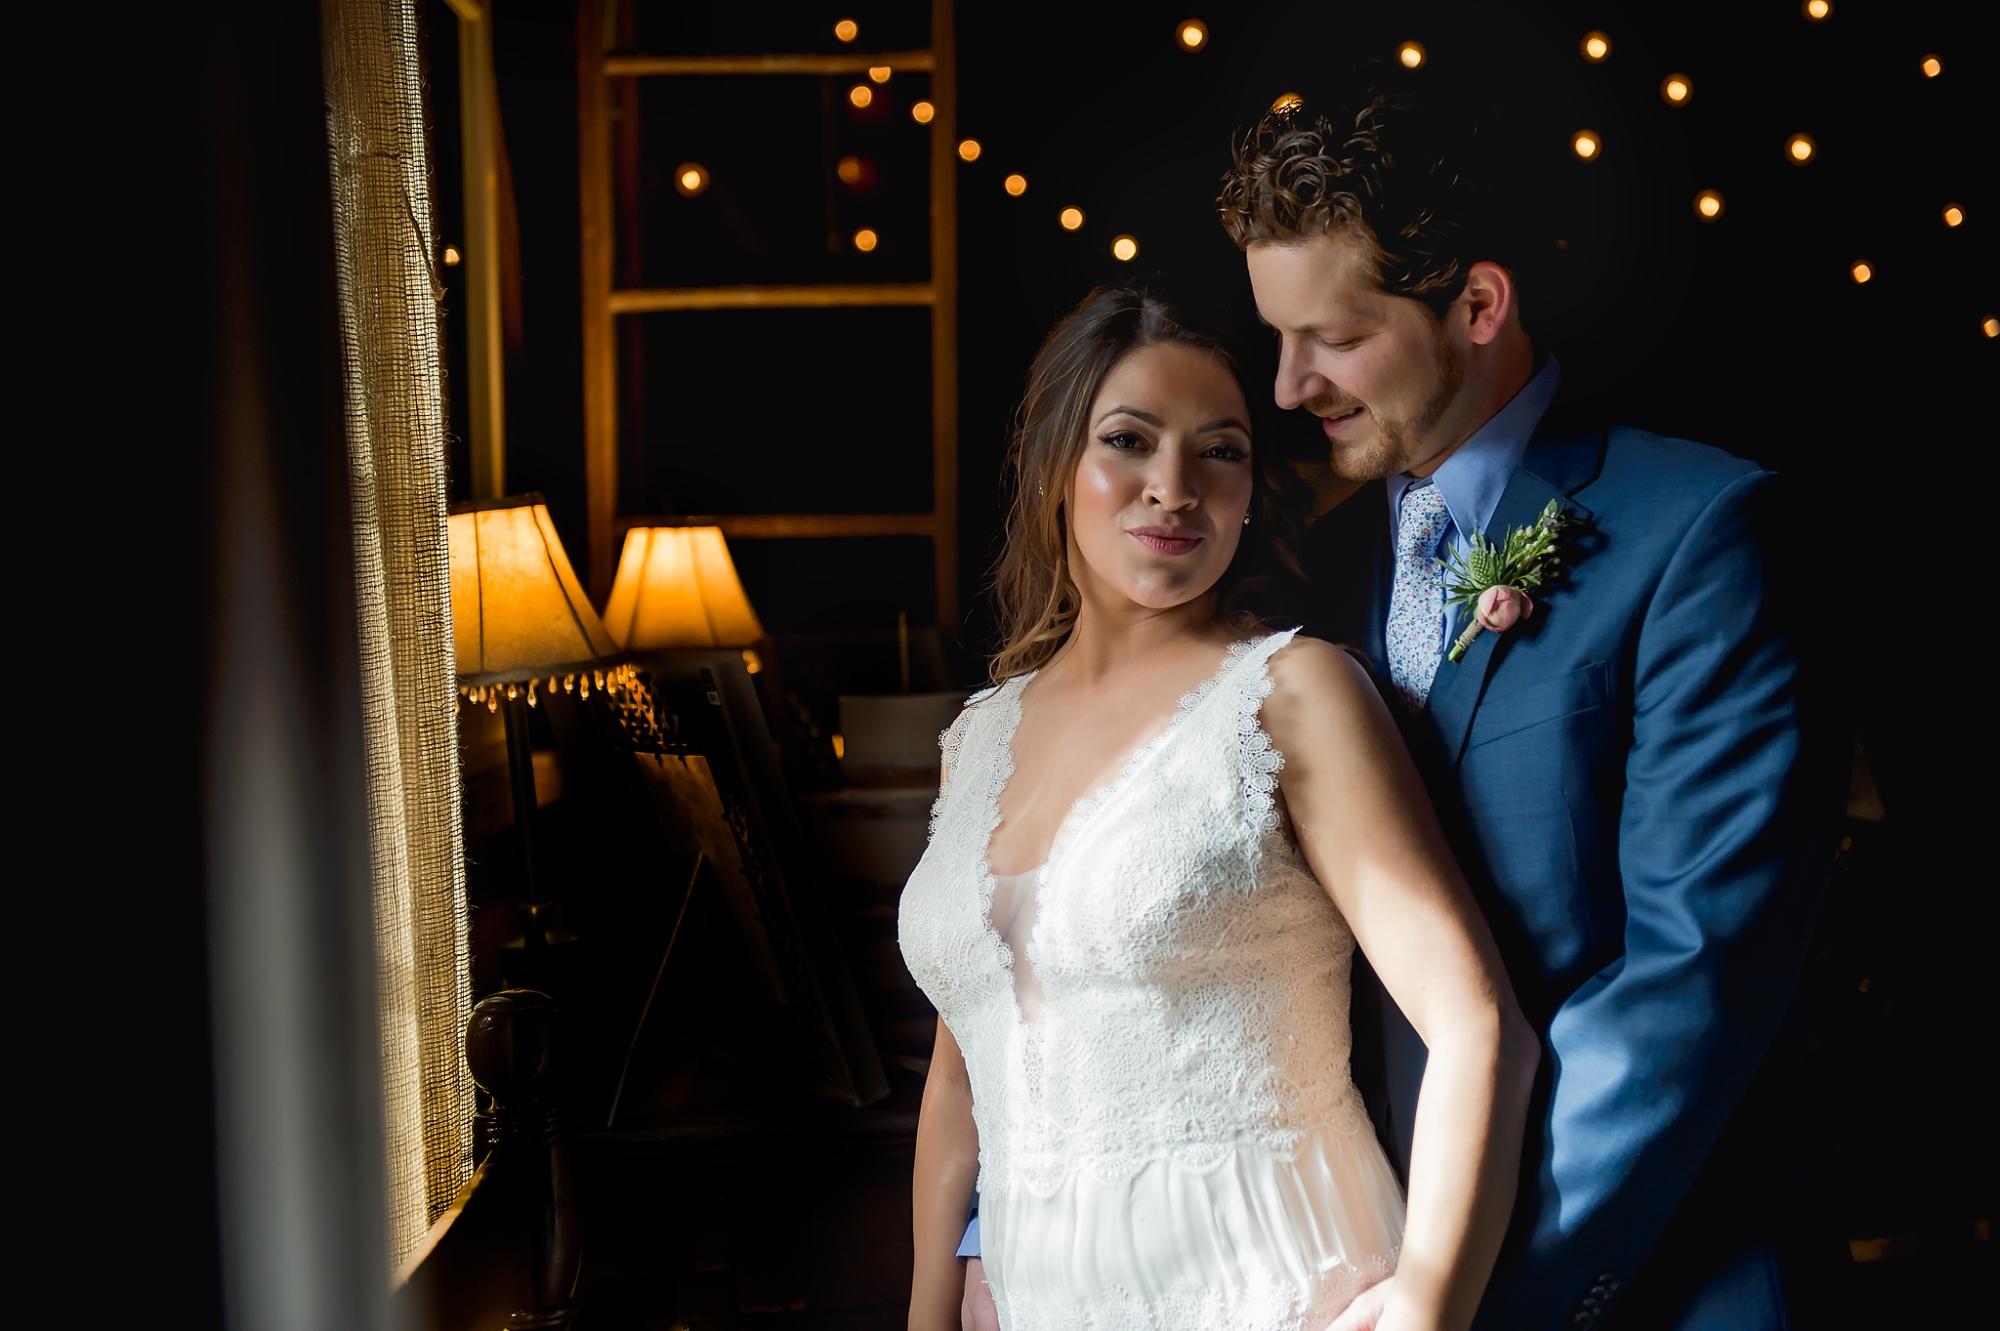 Jacks-Barn-Wedding-Photography21